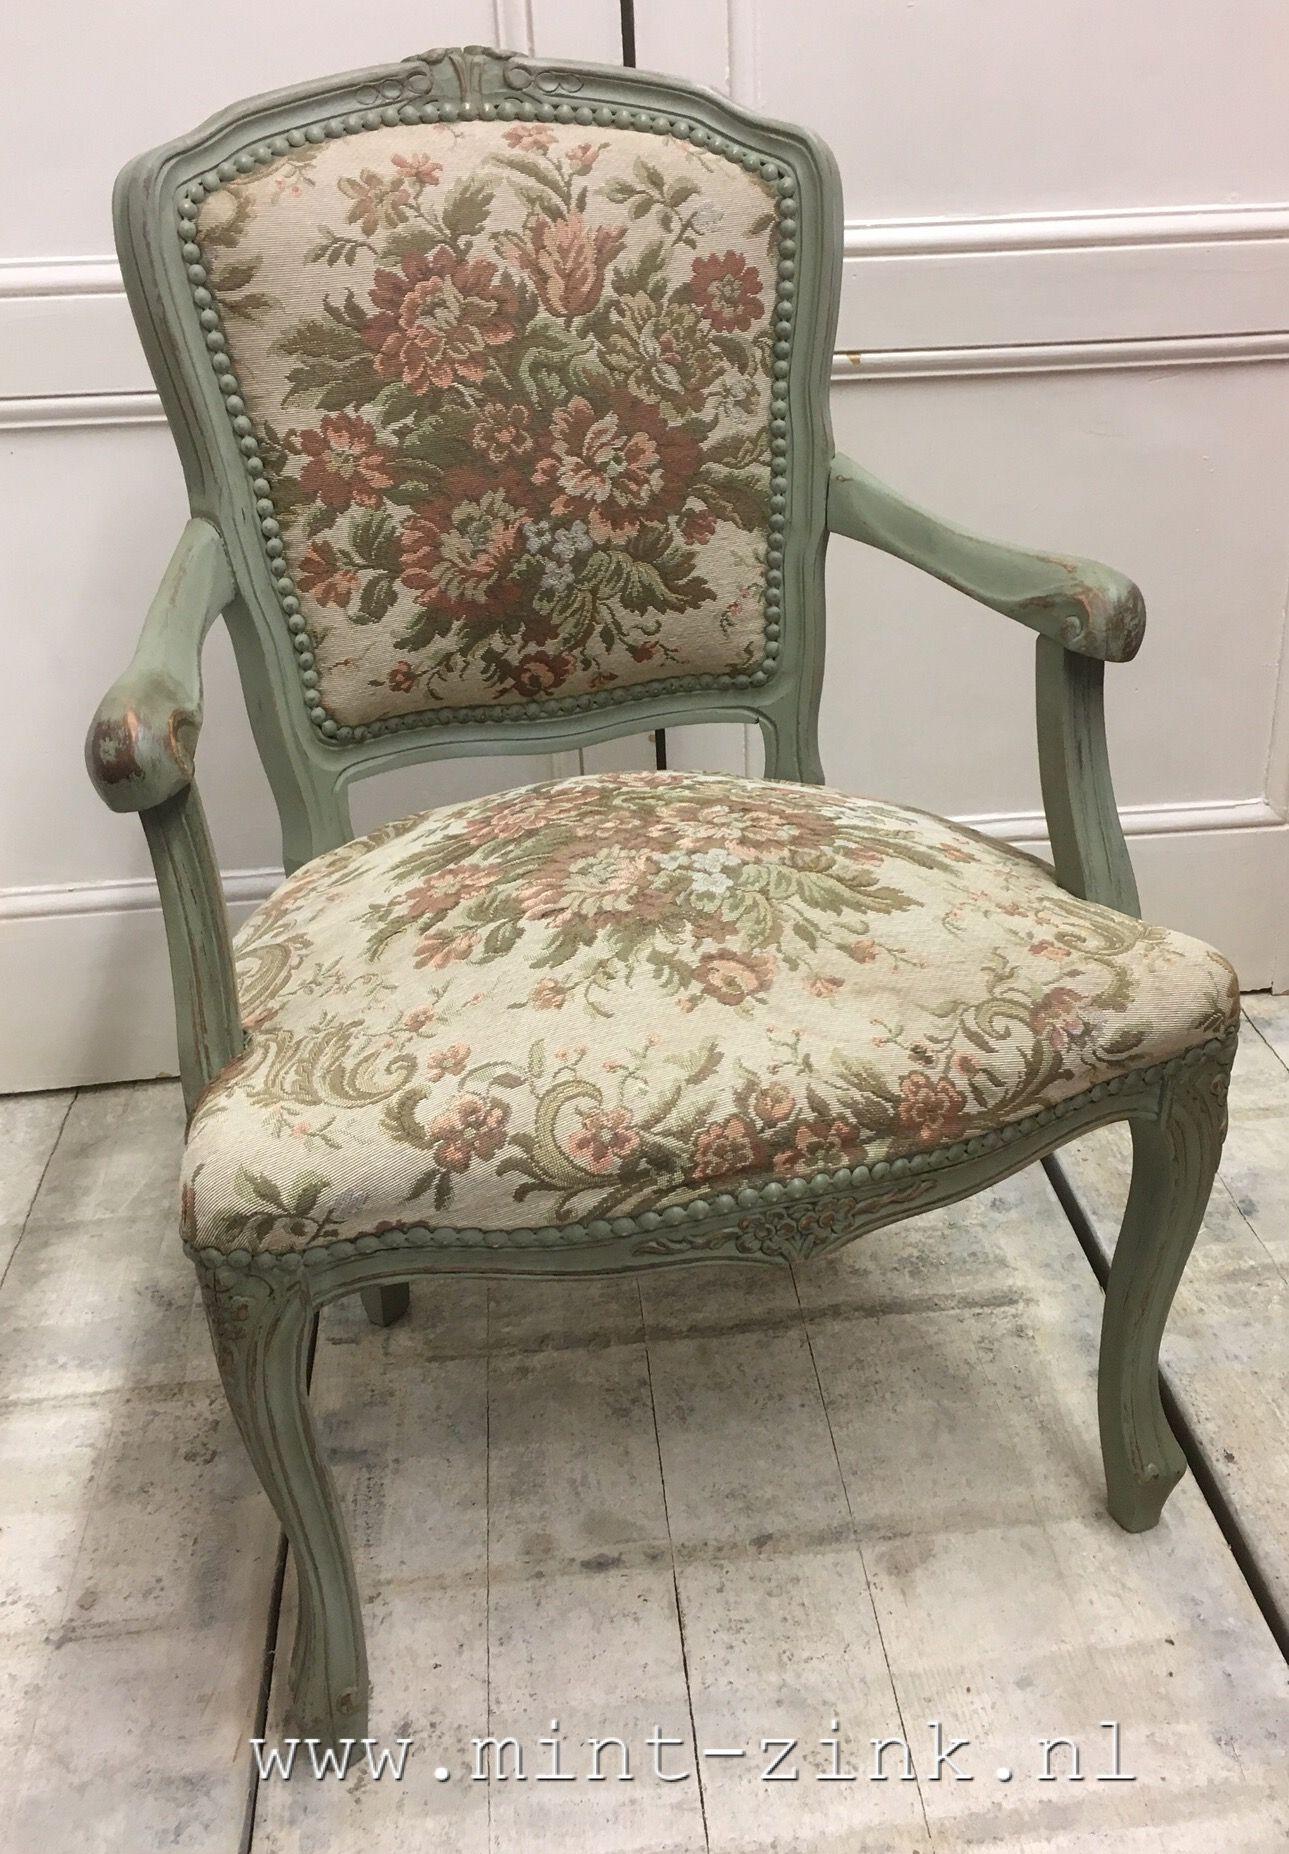 Cheap oude barok stoel met bloemstof in queen ann stijl for Barok eetstoelen